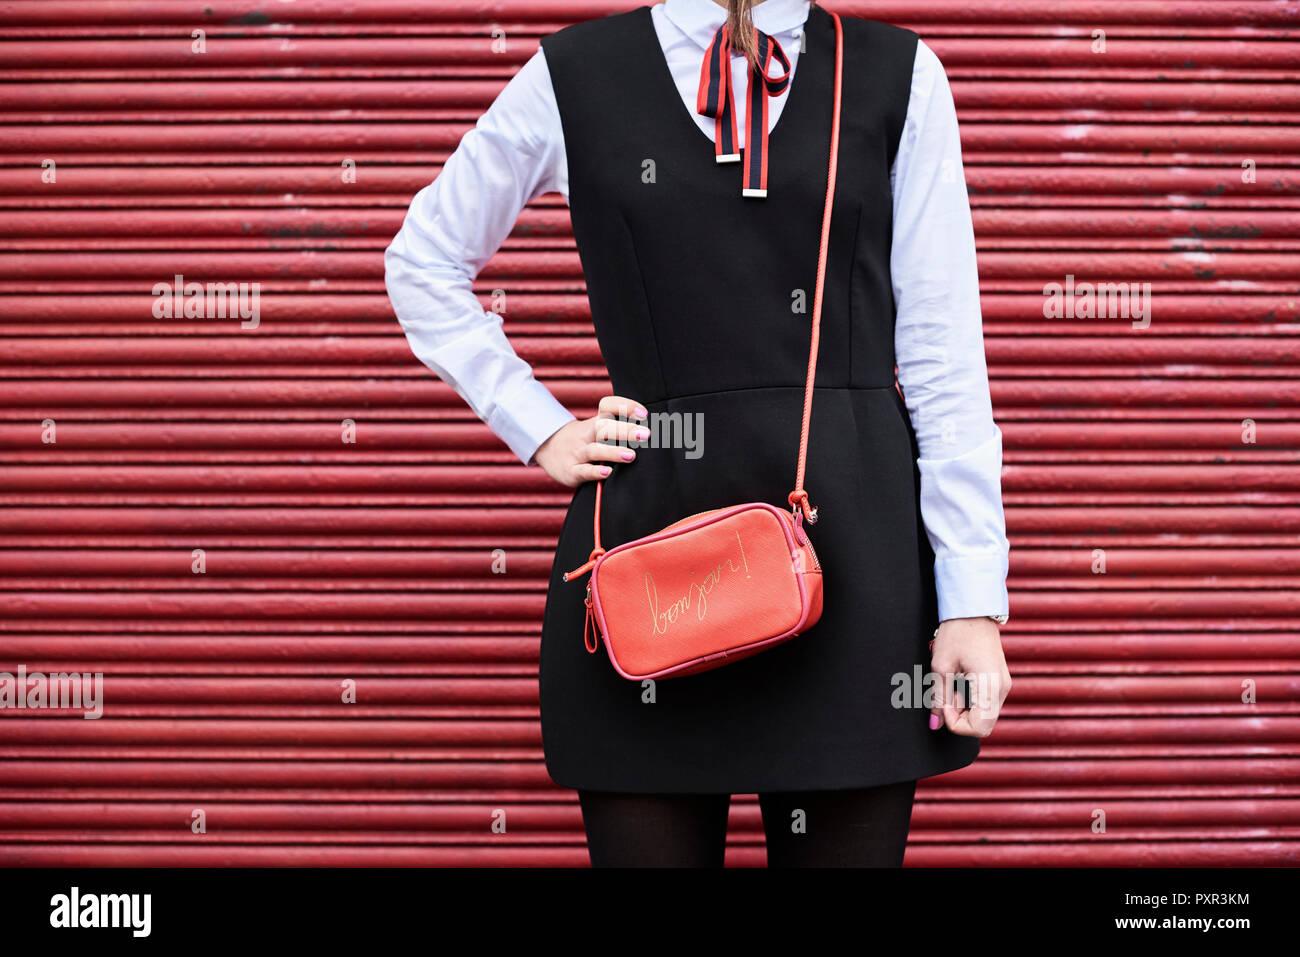 Moda Mujer con bolso rojo vestidos de traje negro de pie en